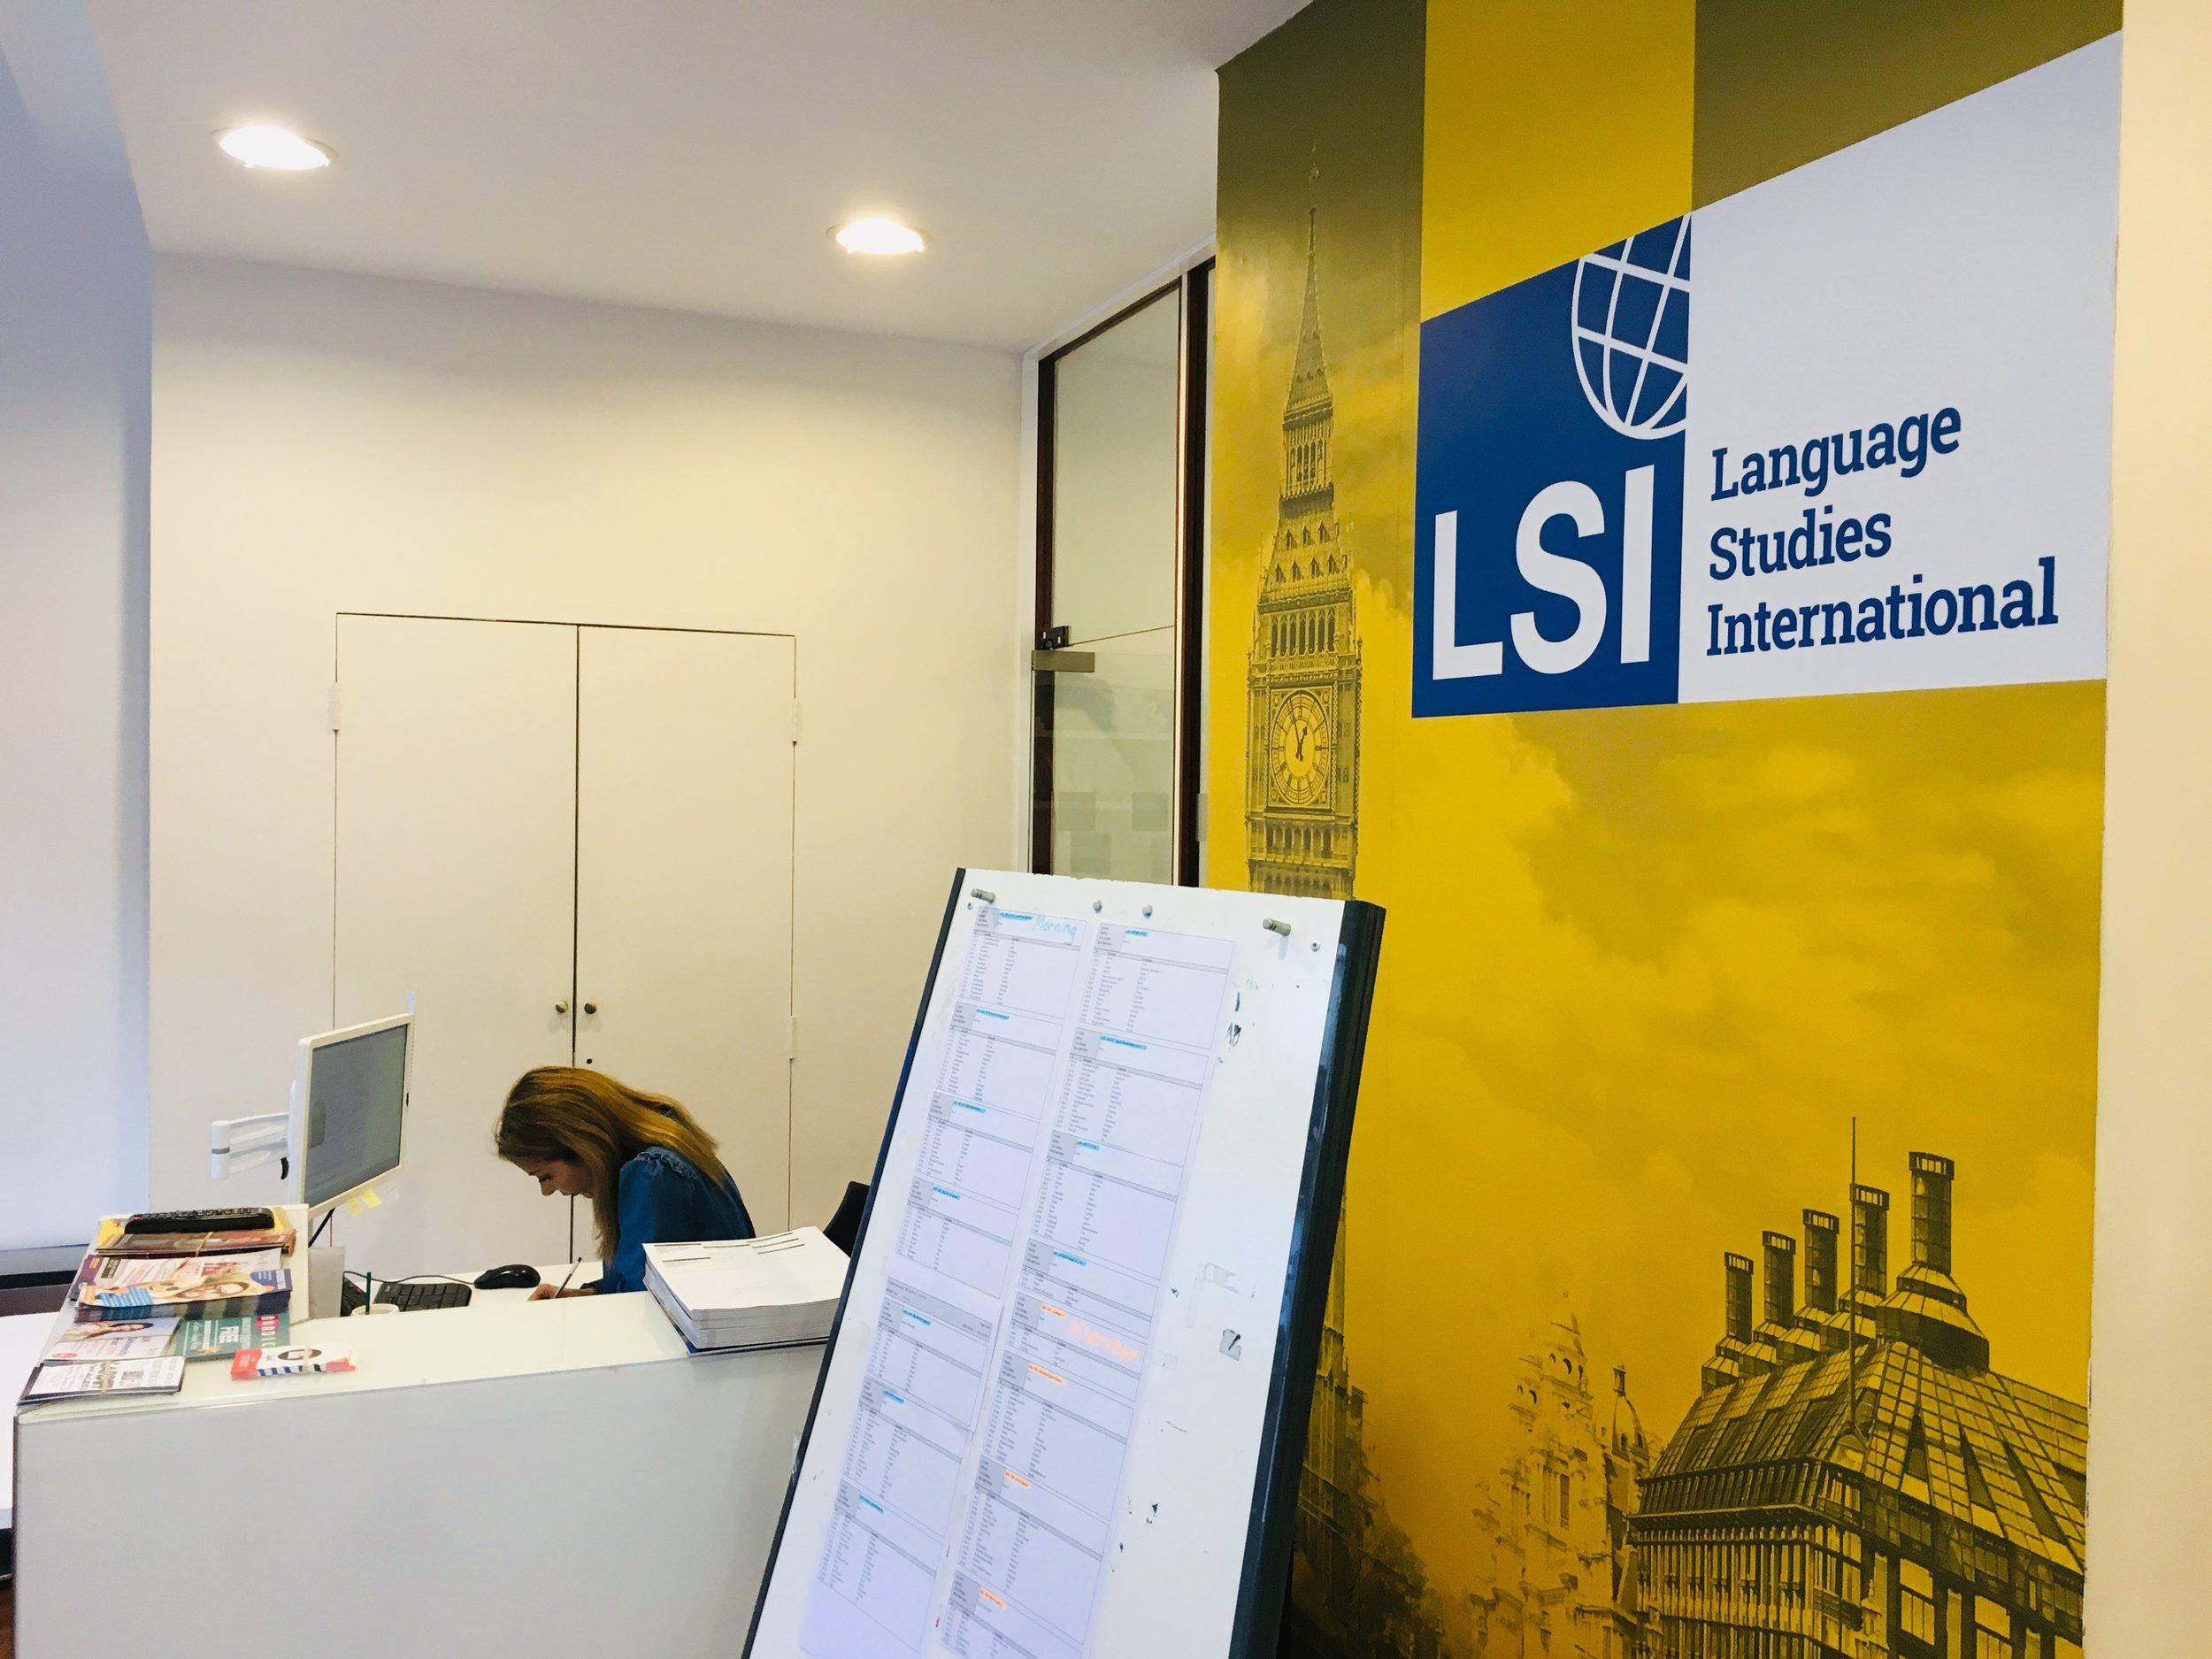 LSI - Центральное расположение школы возле знаменитой улицы Оксфорд дает возможность учиться и отдыхать в самом сердце города. Несмотря на расположение, процесс обучения проходит эффективно, так как окна школы выходят на тихий проулок. Студенты живут в семьях и приходят в школу только на уроки. Приглашаем в LSI - языковую школу с мировым именем!Больше о школе:https://www.lsi.edu/en/learn-english-in-england